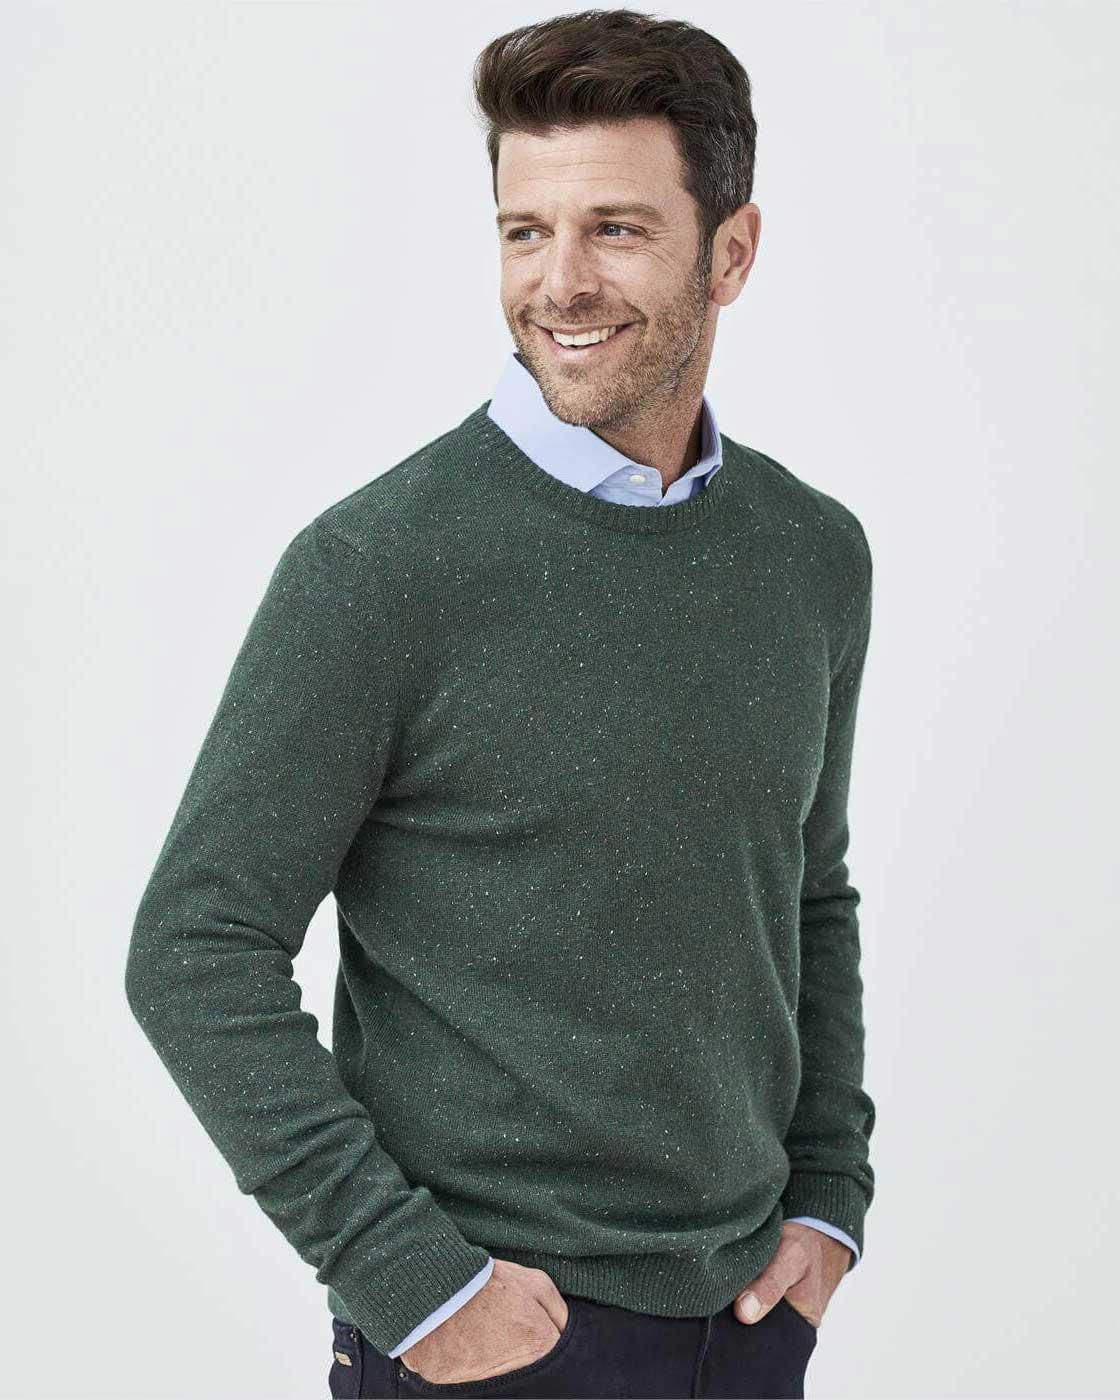 Grønn ullgenser - 100 % økologisk ull » Etiske & økologiske klær » Grønt Skift